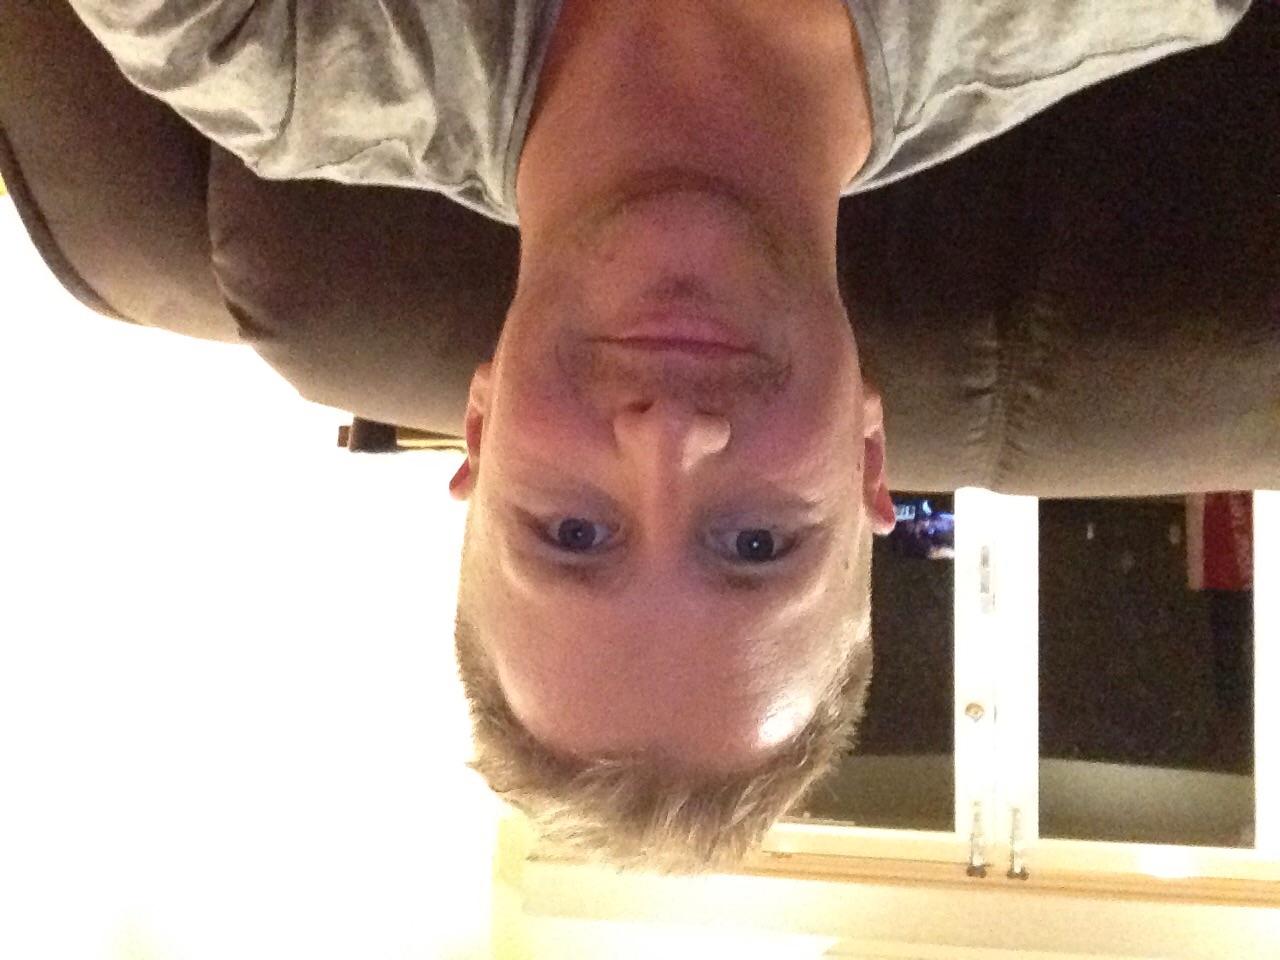 Brett's profile picture